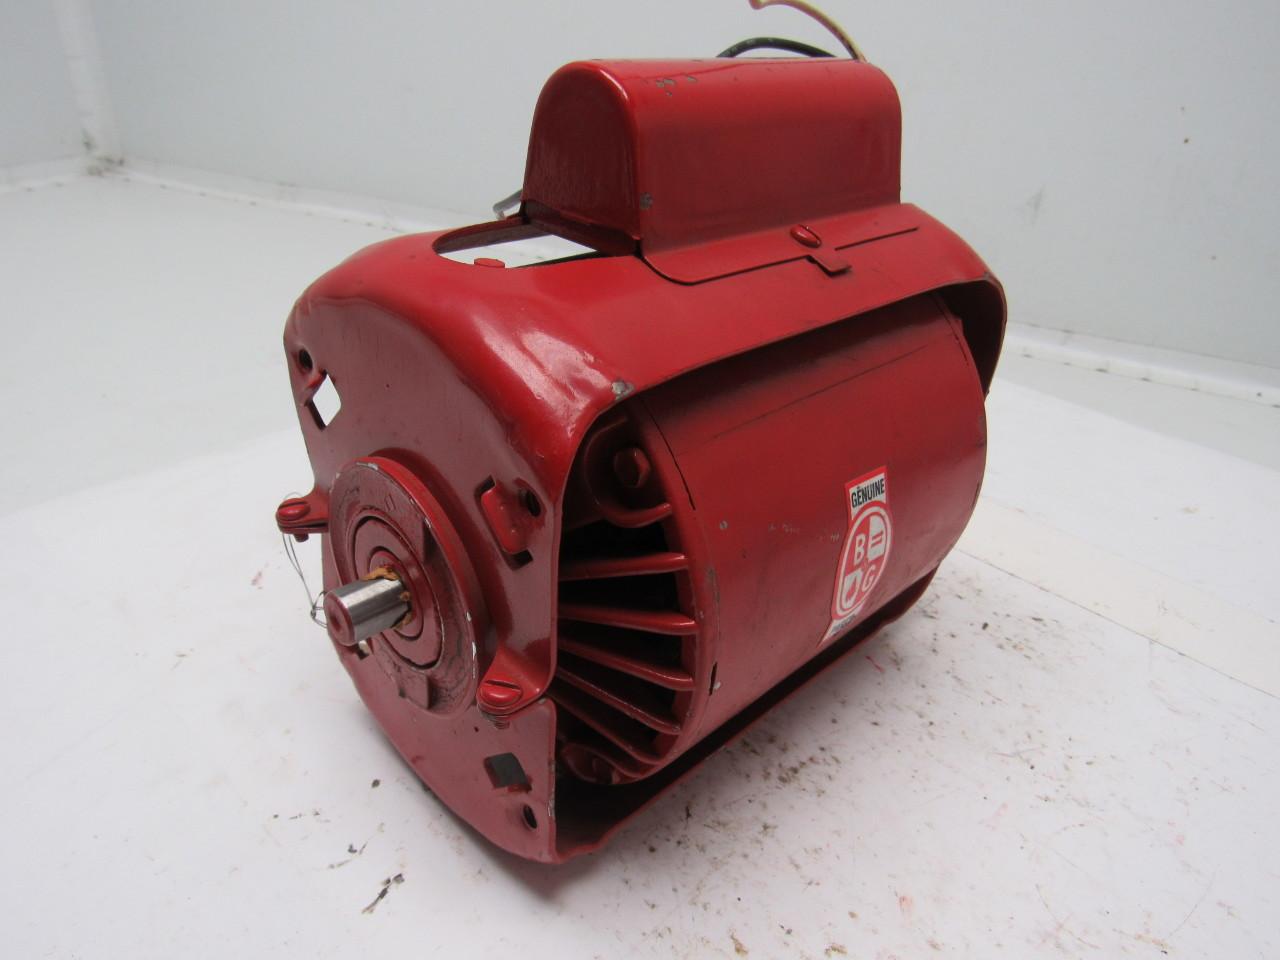 Bell and gossett mrp58jv 724 circulating pump motor 1 12 for Bell gossett motors